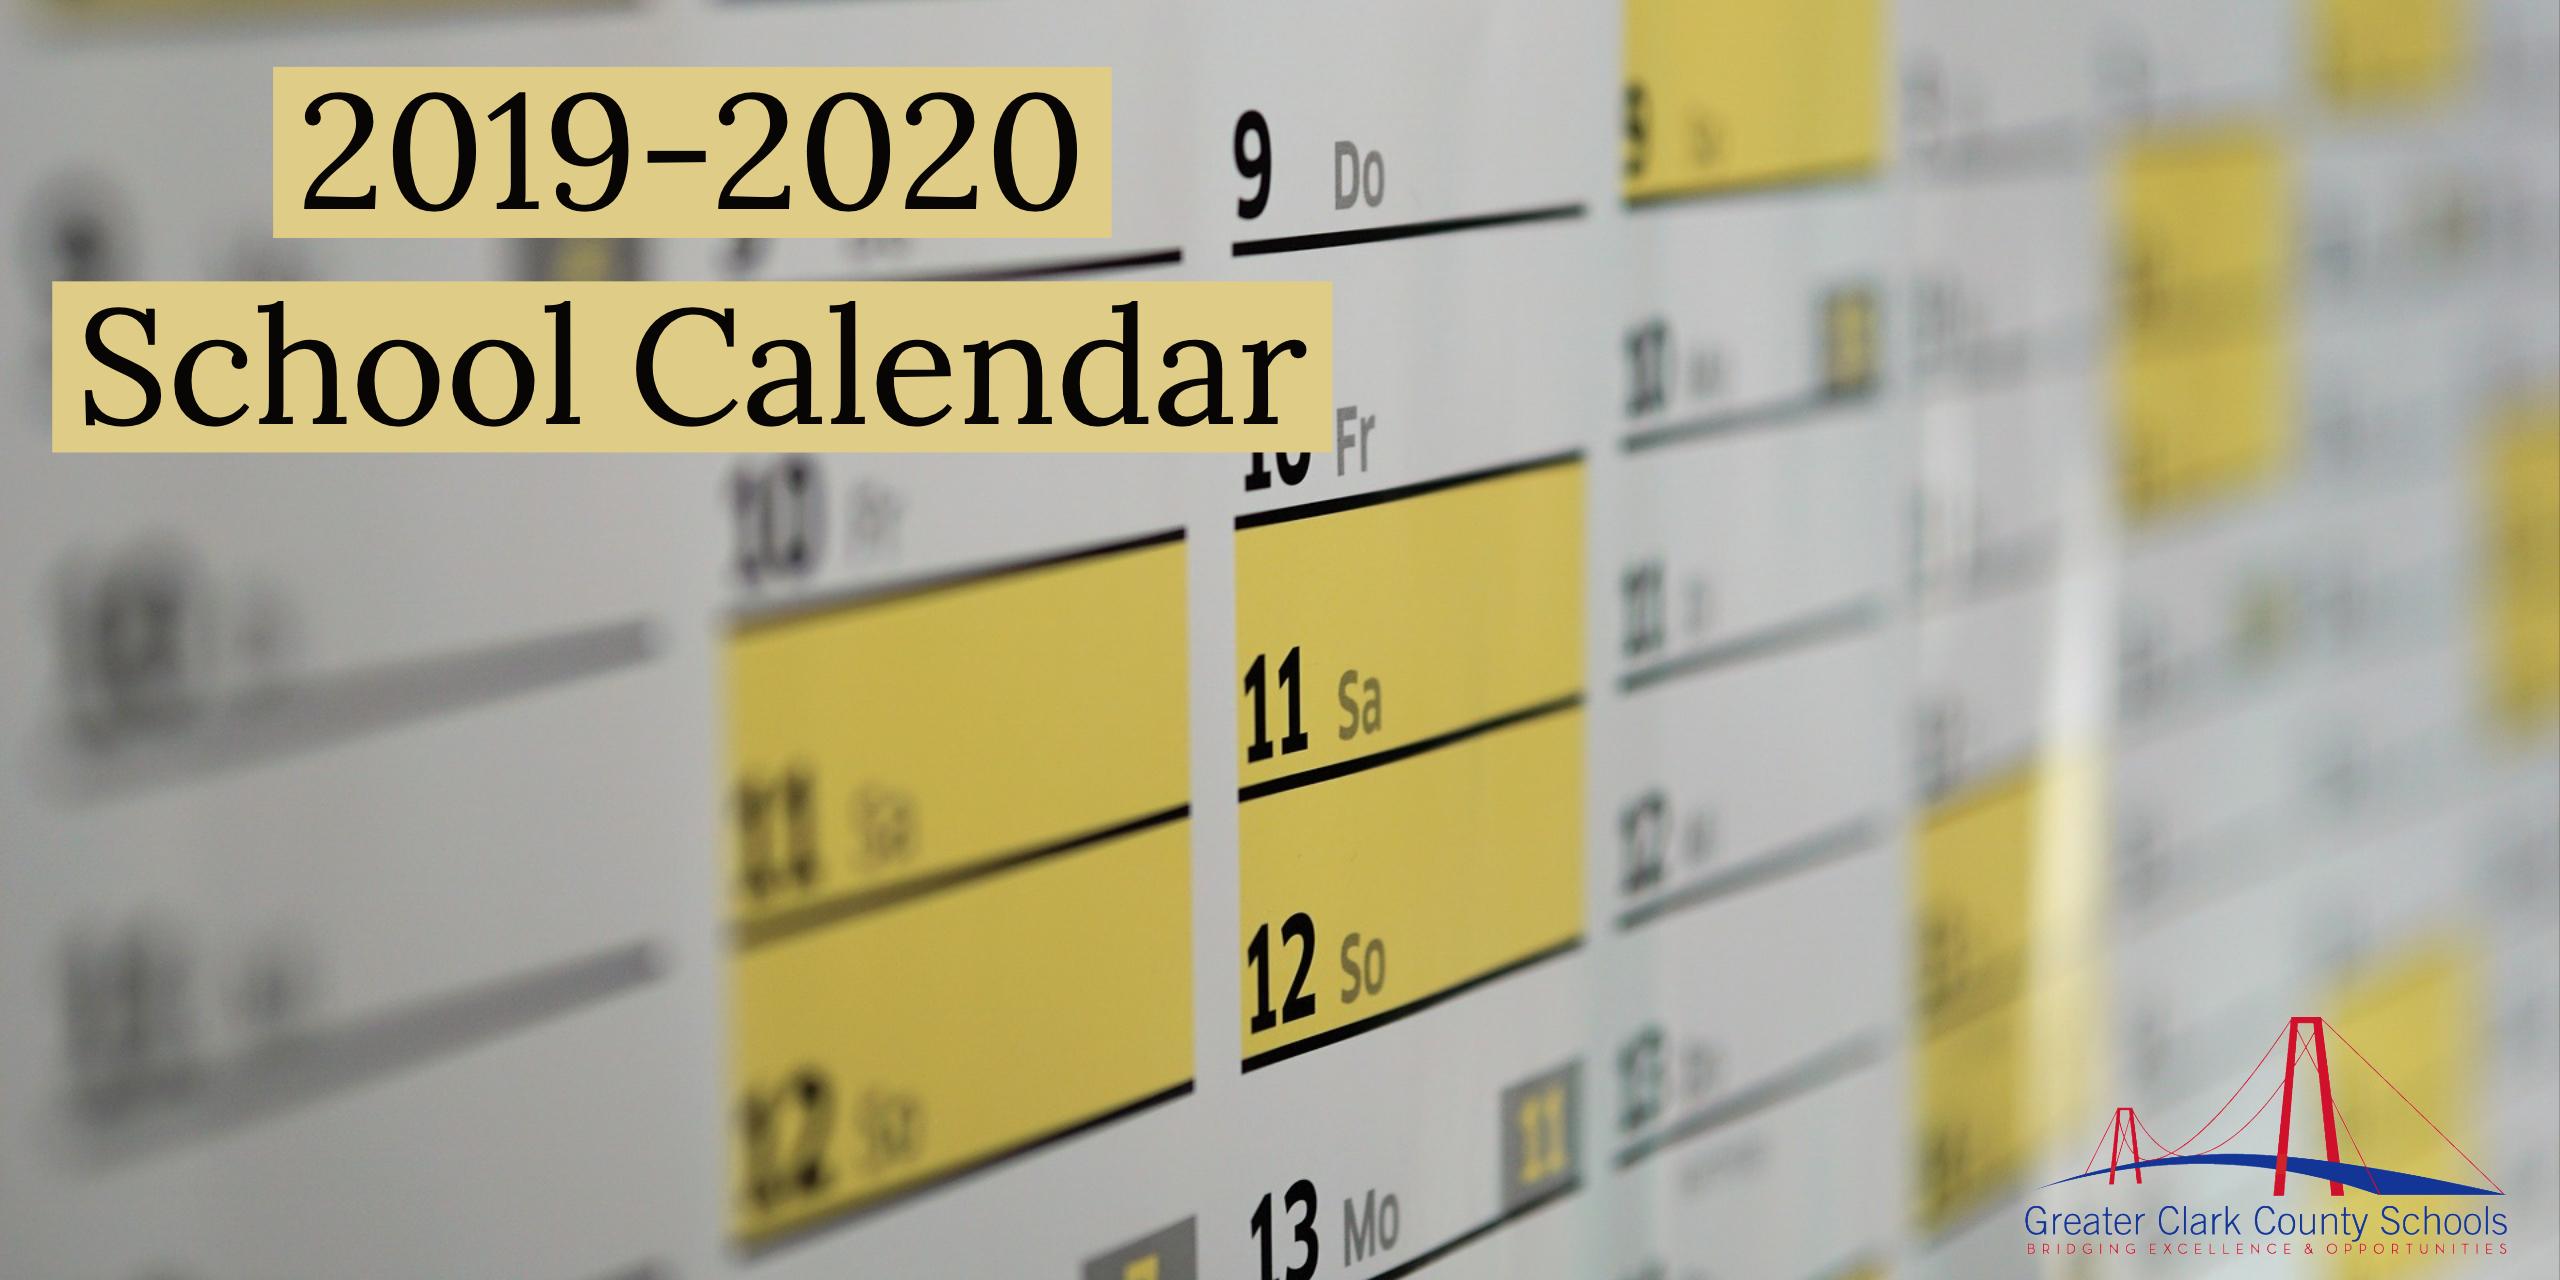 2019-2020 School Calendar – Greater Clark County Schools